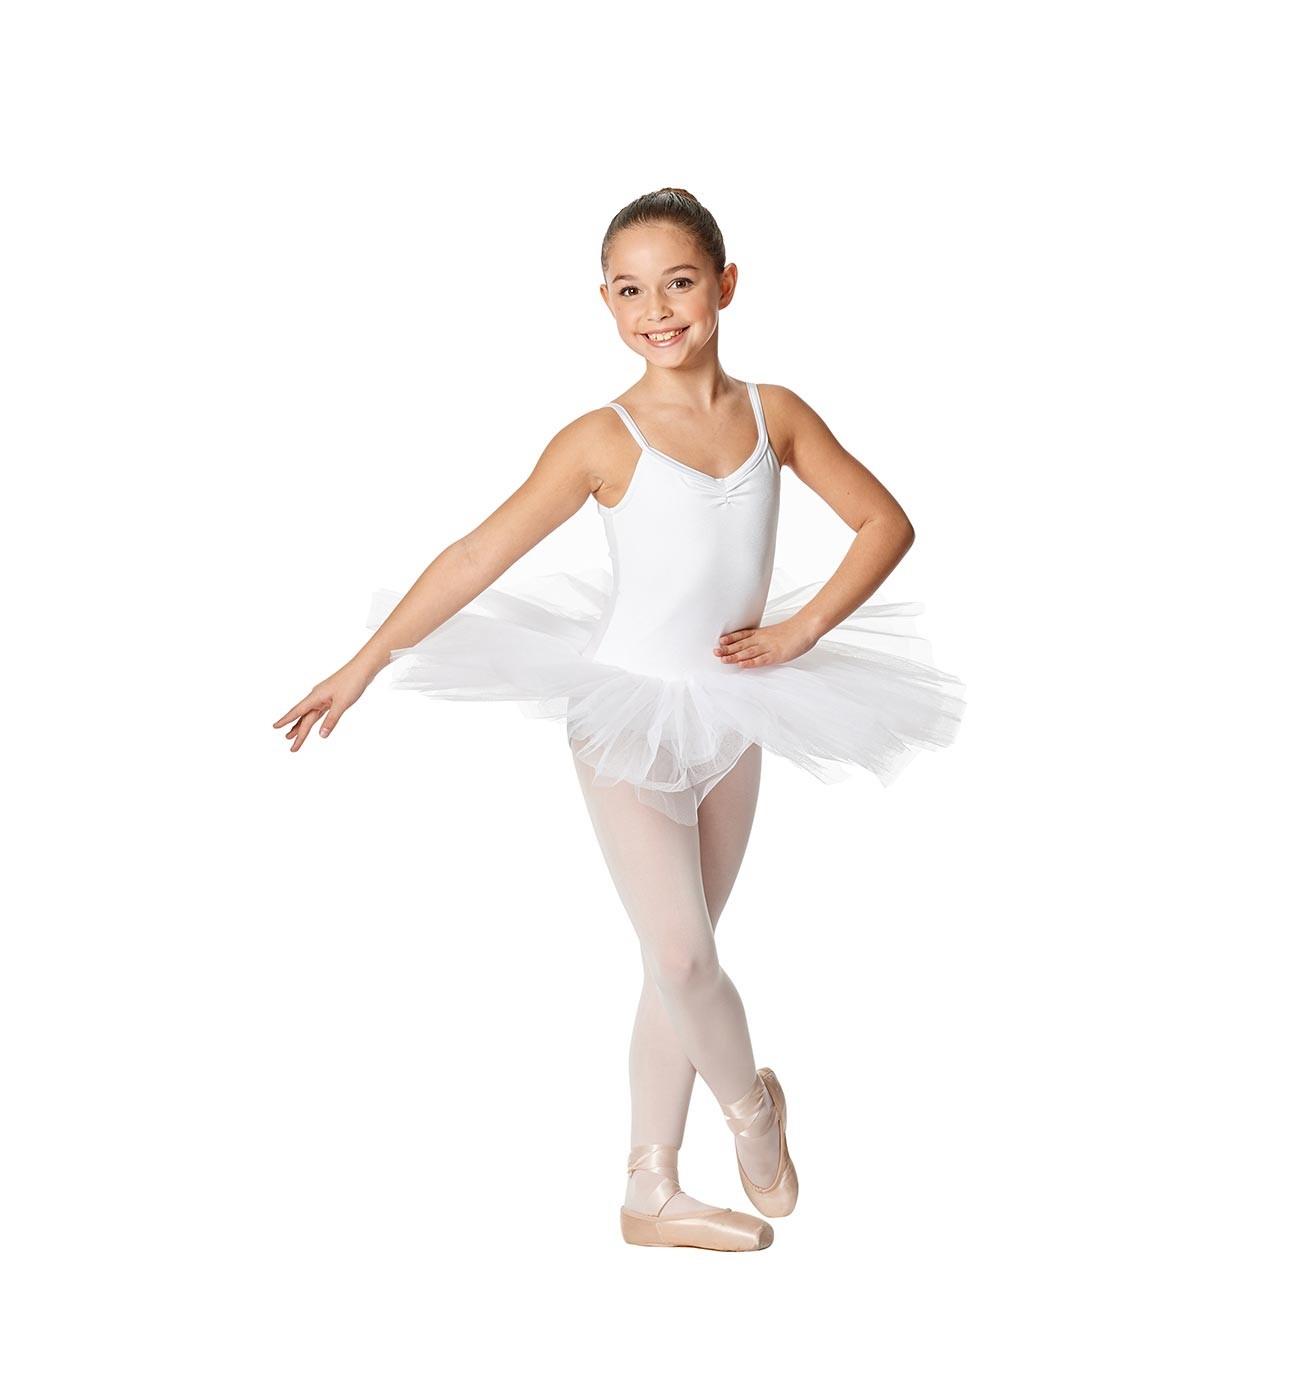 לבן שמלת טוטו לילדות Everly של Lulli ארבע שכבות טול LUBTU01C